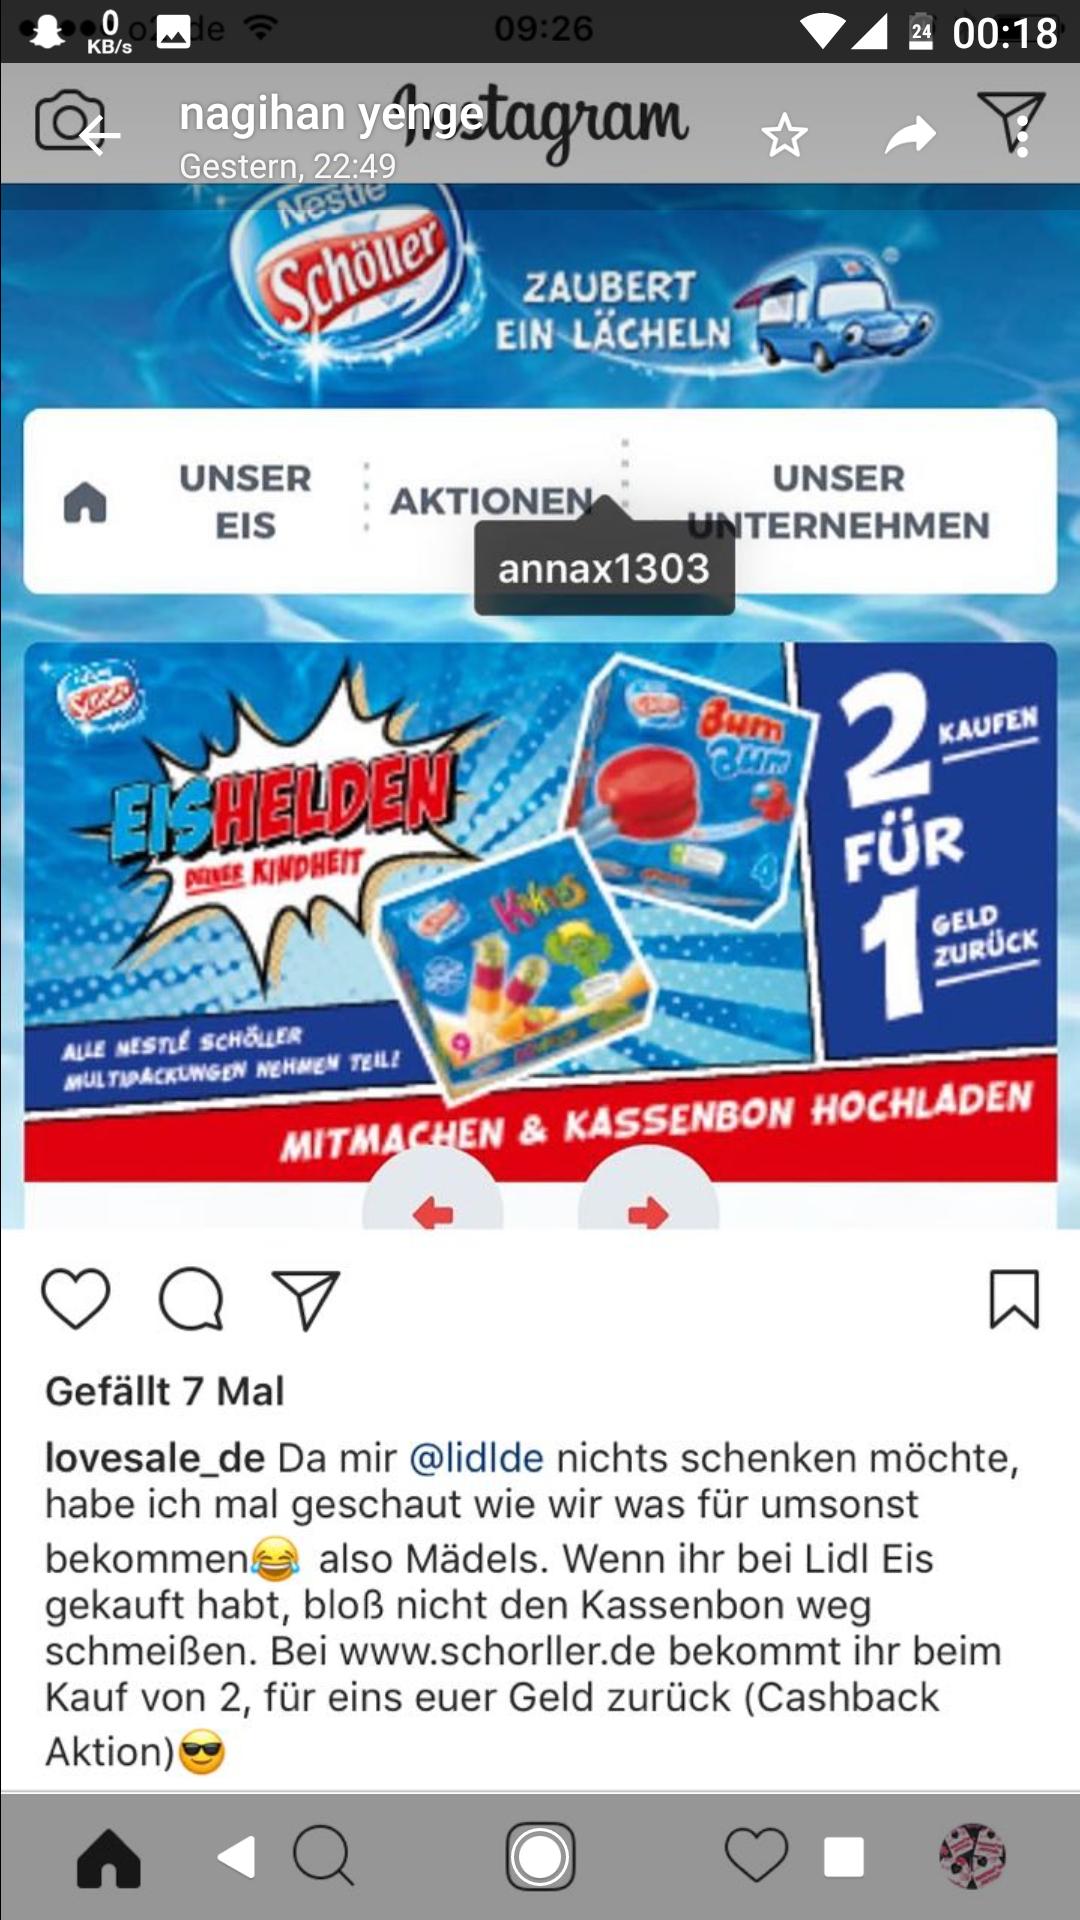 2 Packung BumBum durch cashback und auf Angebot in lidl Berlin auf 1,88€